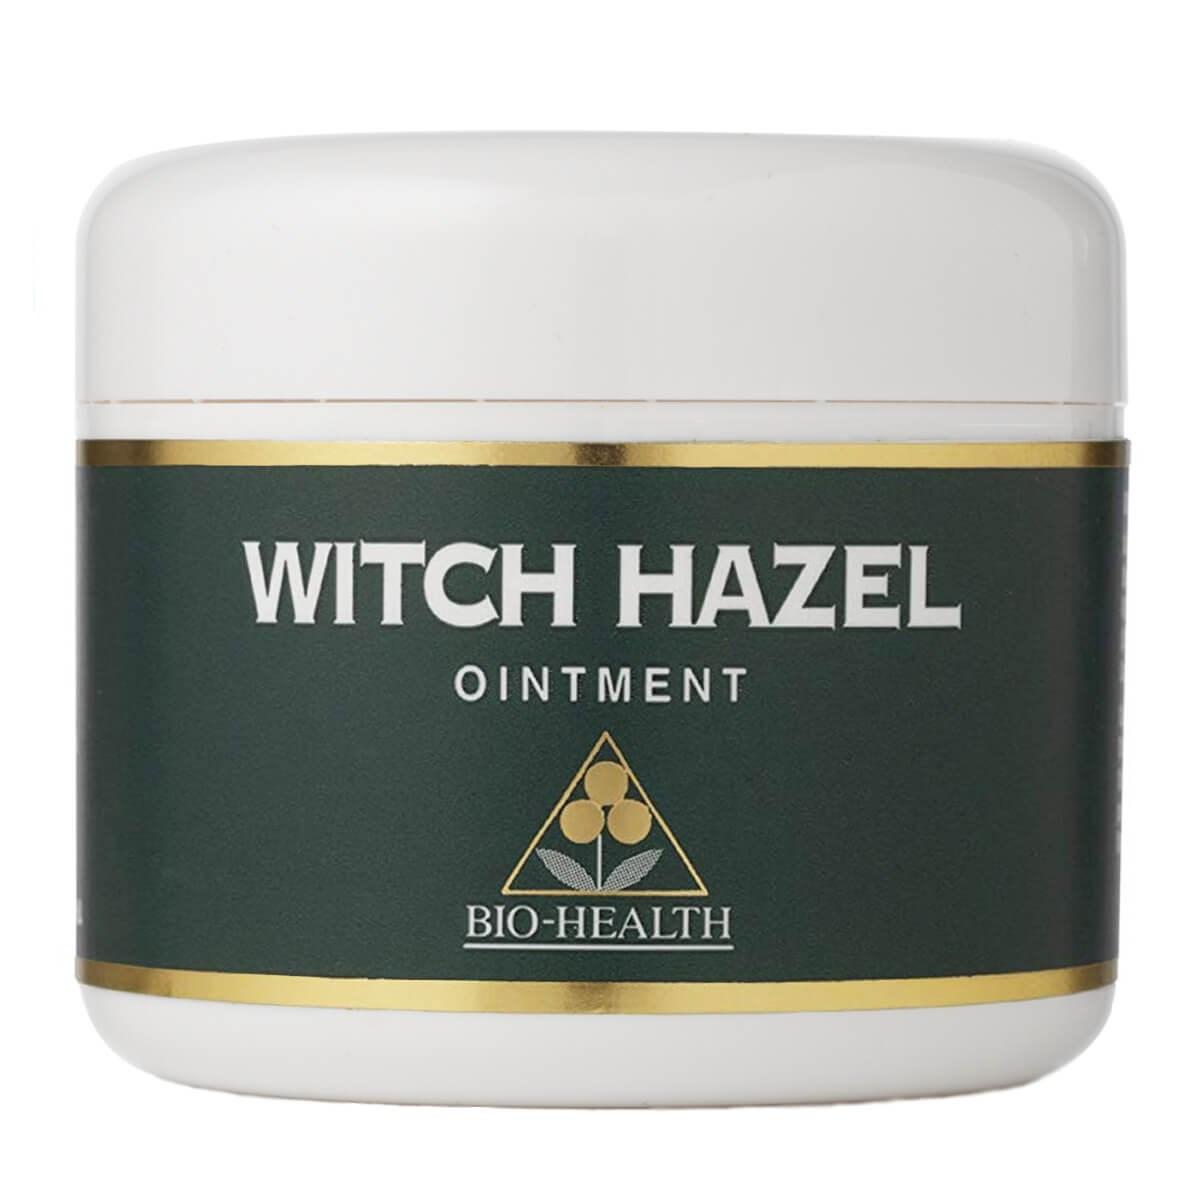 Bio-Health Witch Hazel Ointment